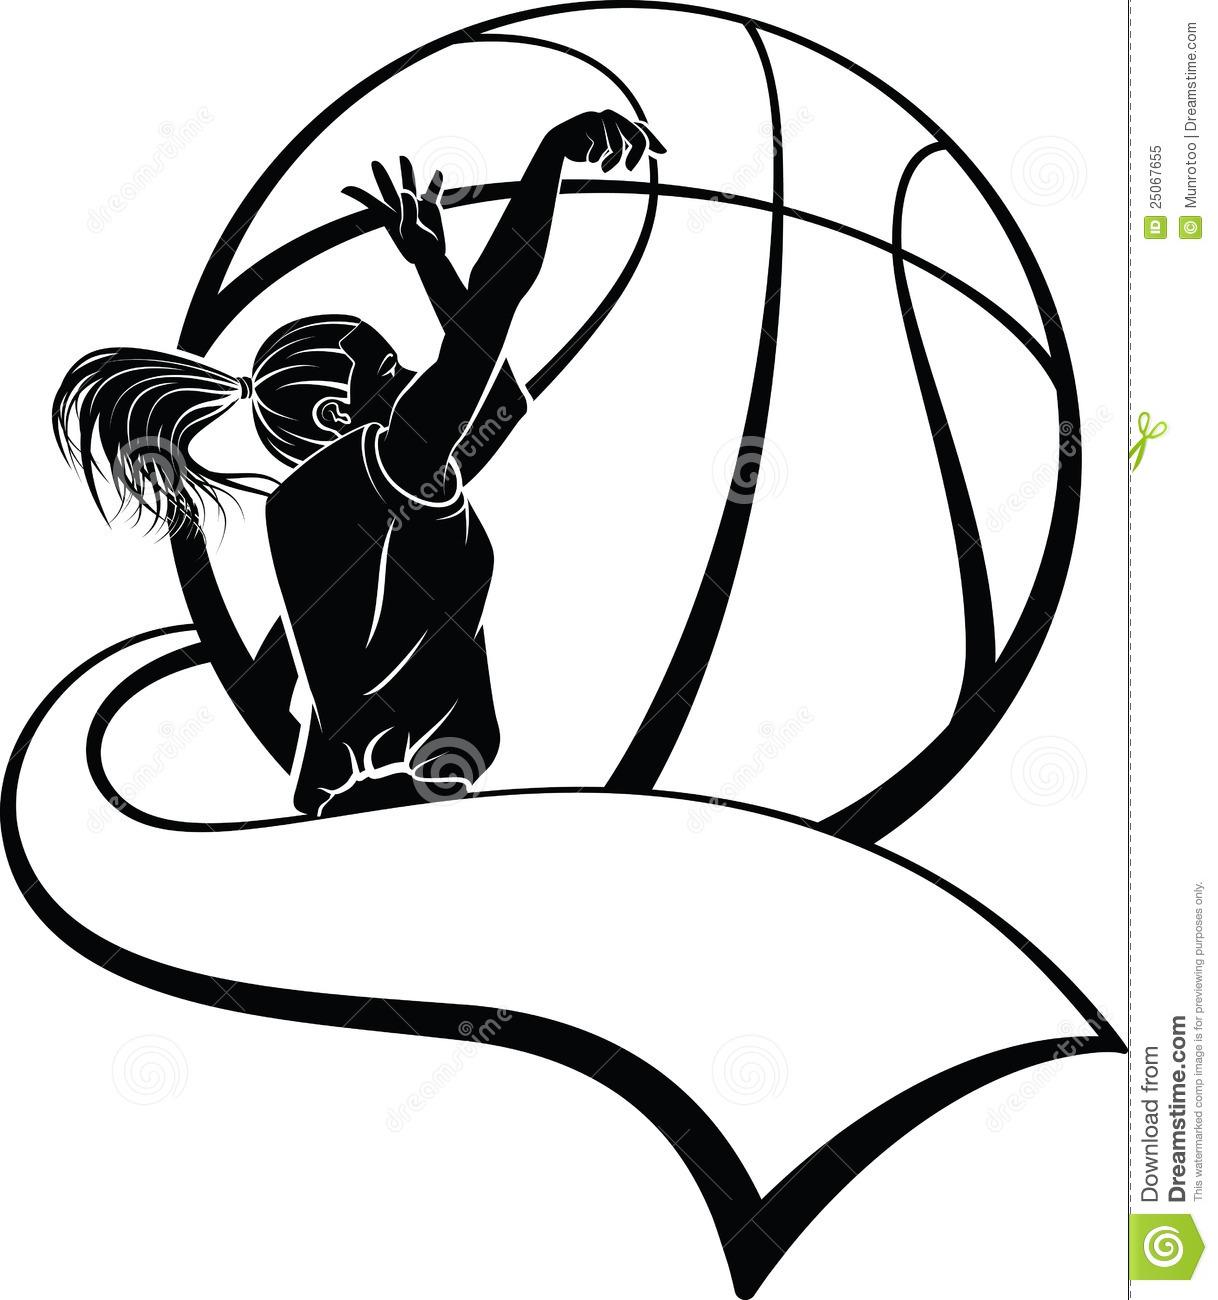 basketball player shooting clipart-basketball player shooting clipart-1